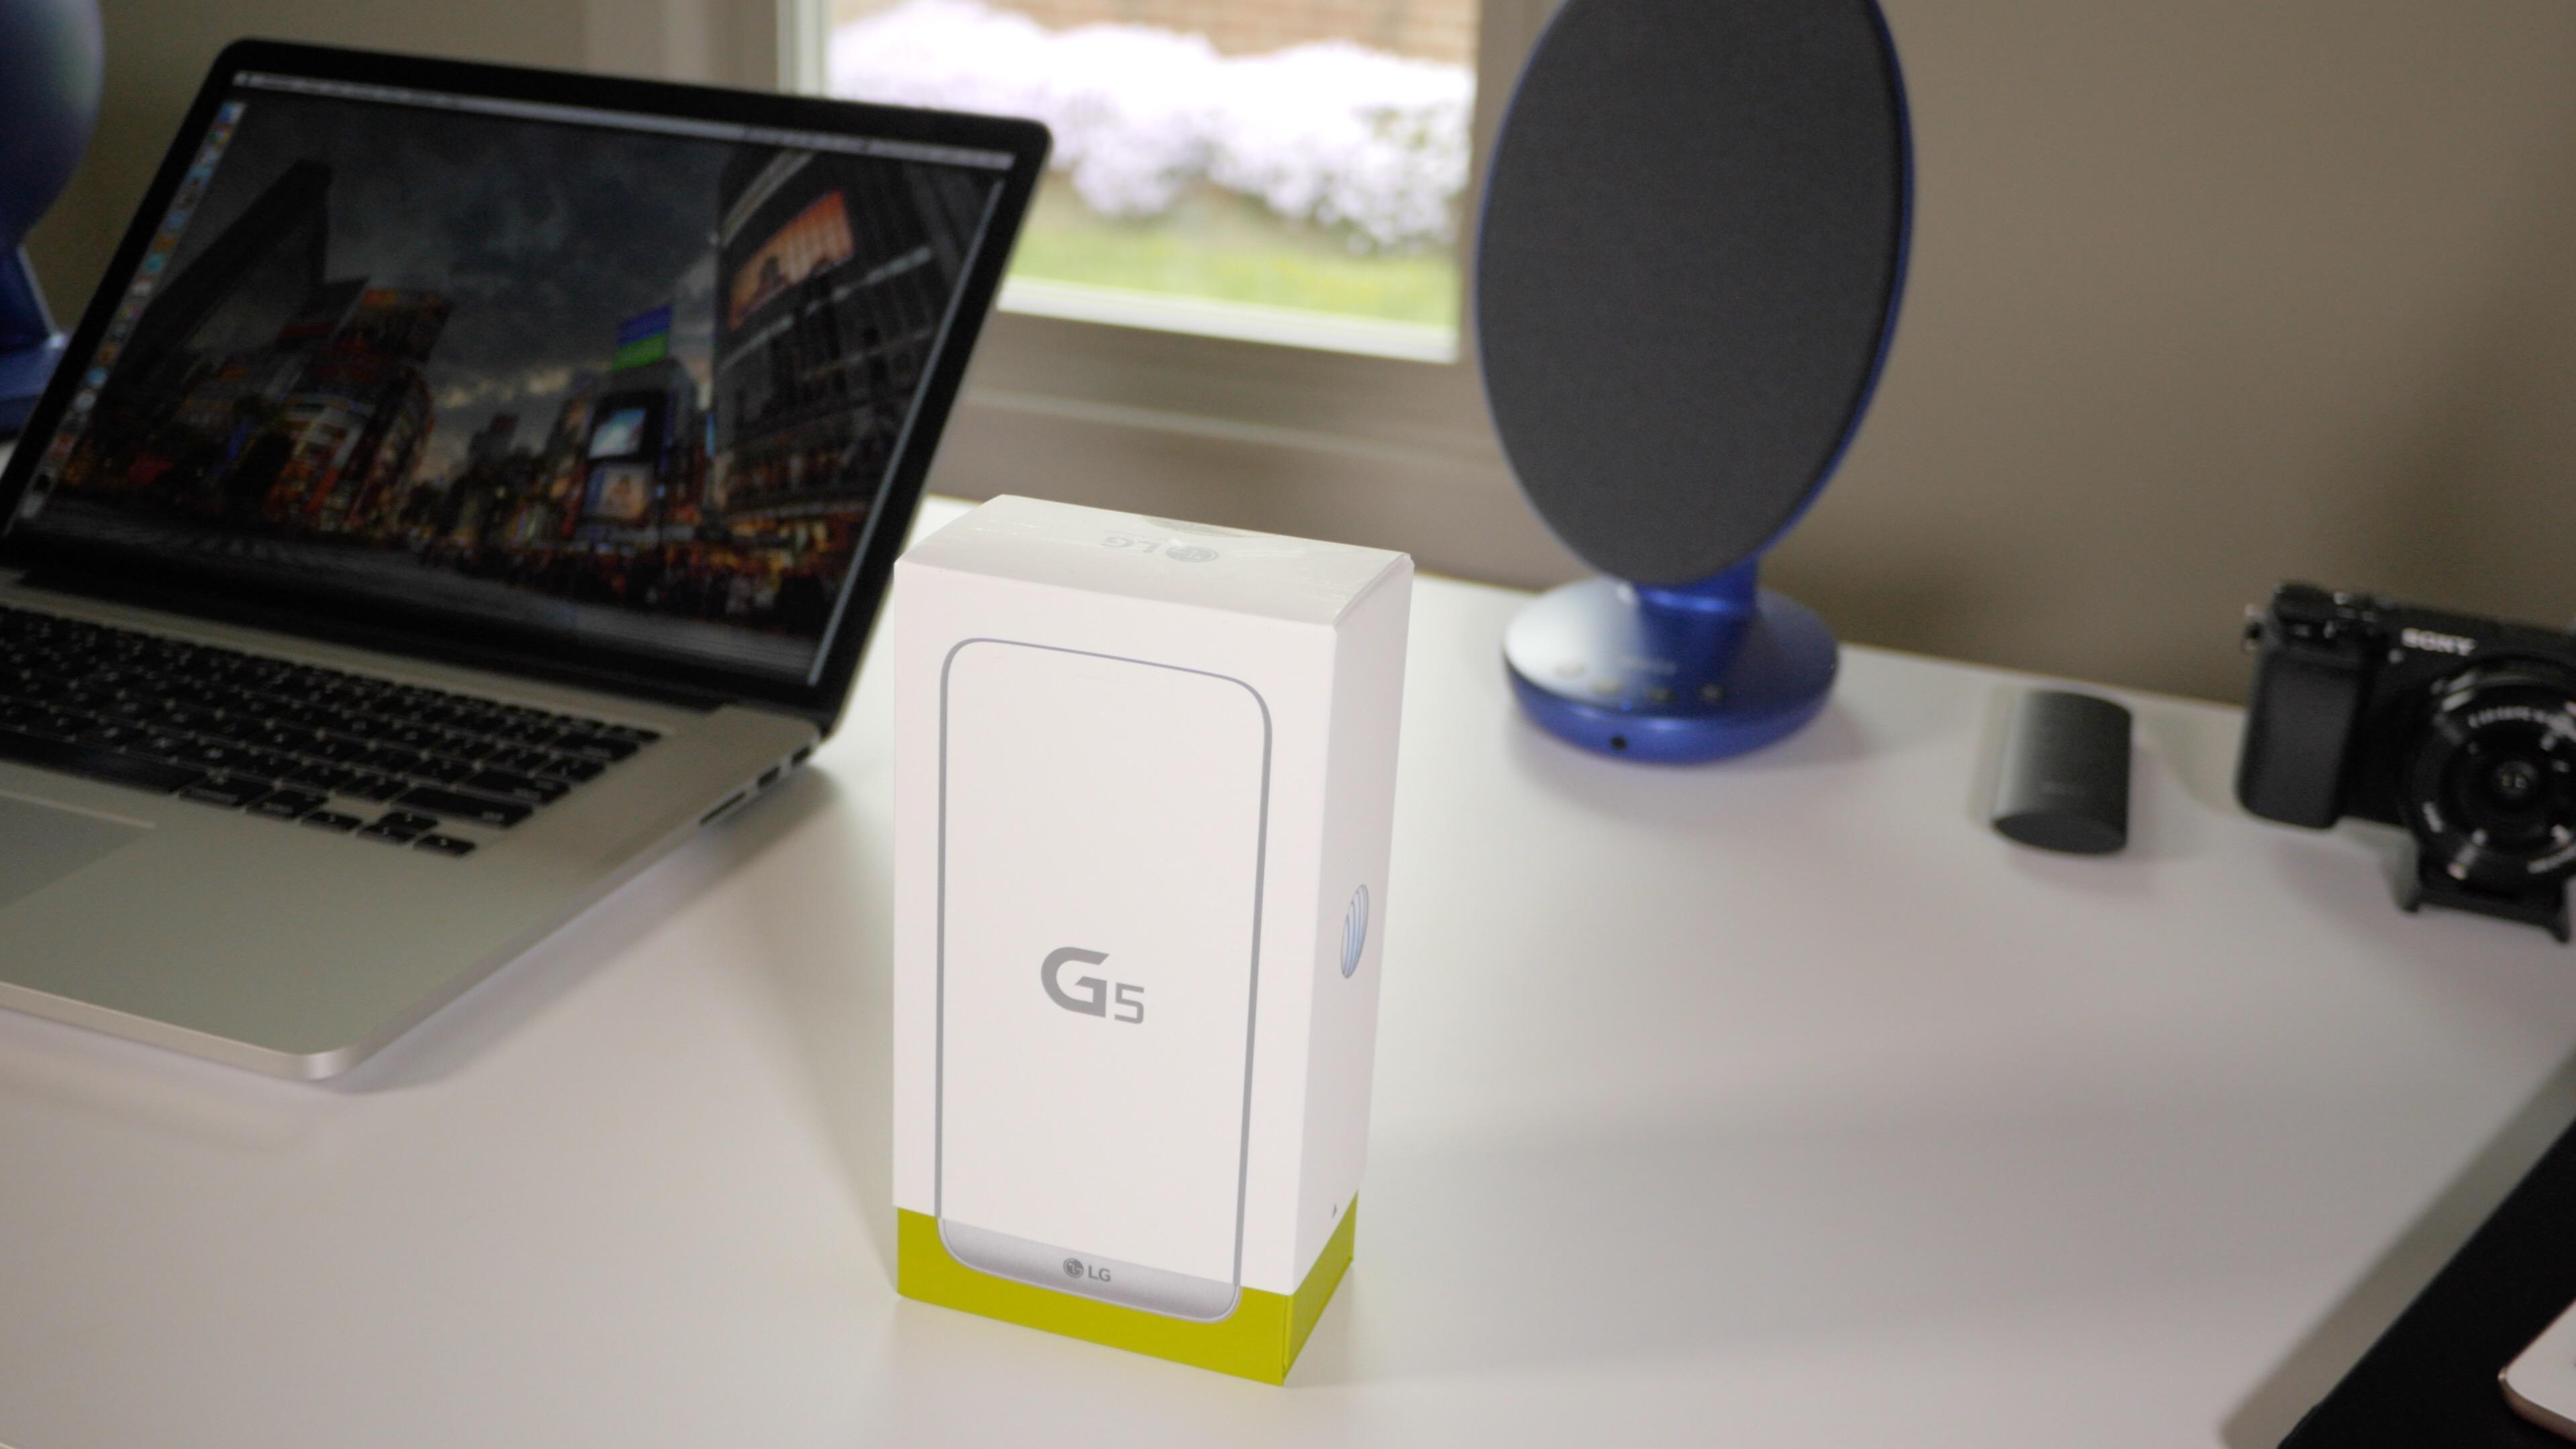 LG G5 Box